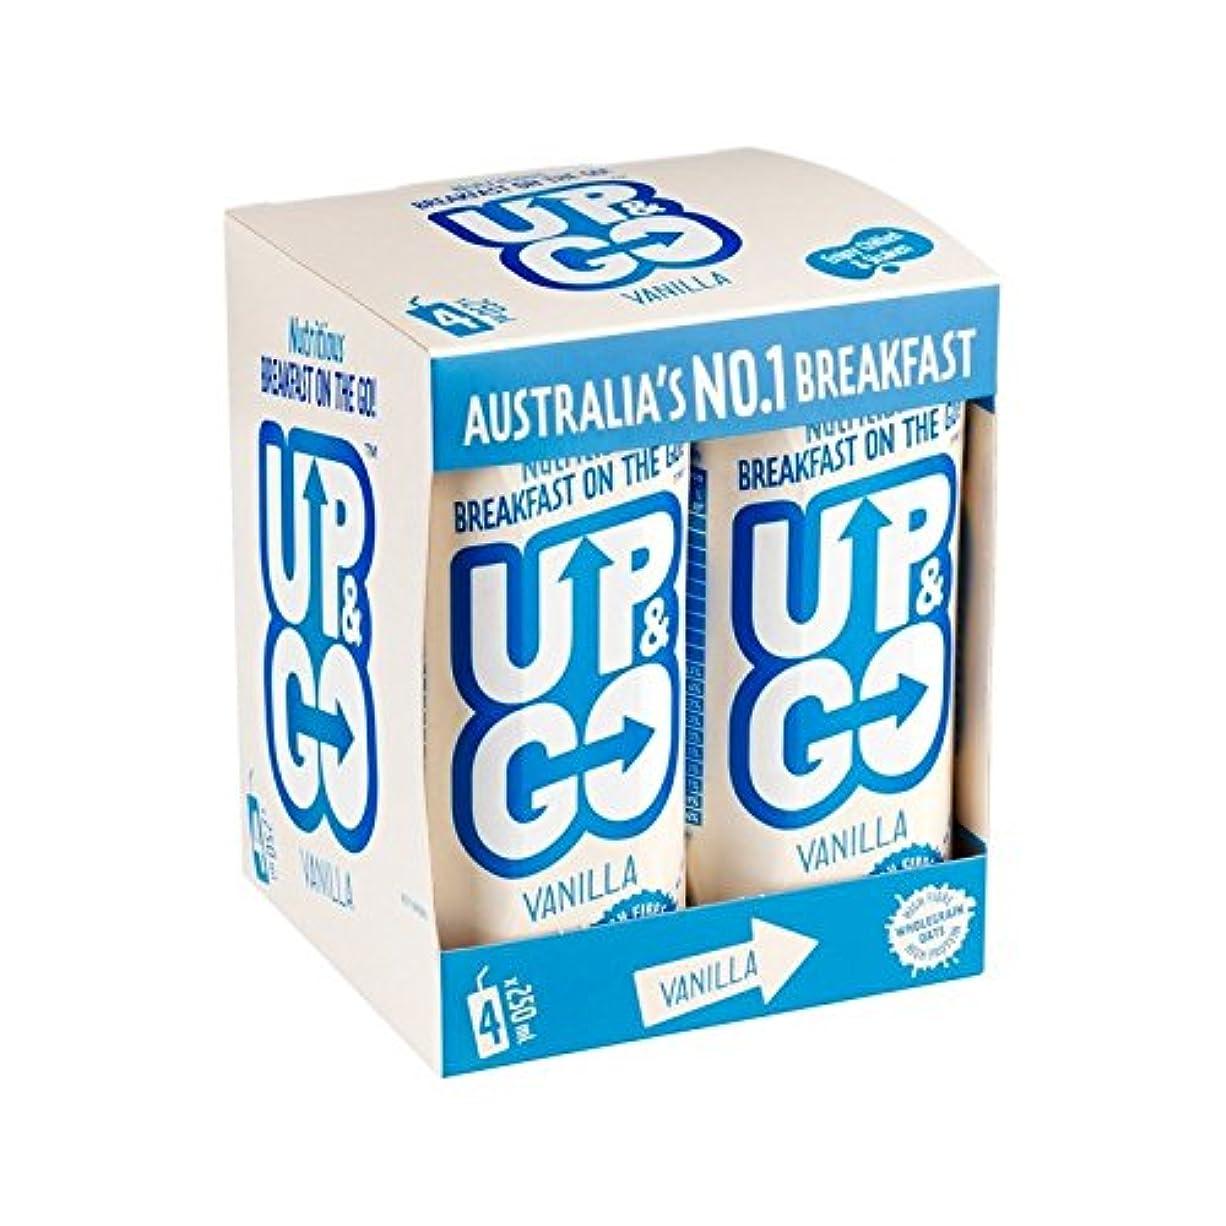 鋸歯状シーボードブリーフケースオート麦4×250ミリリットルとバニラ朝食ドリンク (Up&Go) (x 2) - Up&Go Vanilla Breakfast Drink with Oats 4 x 250ml (Pack of 2) [並行輸入品]